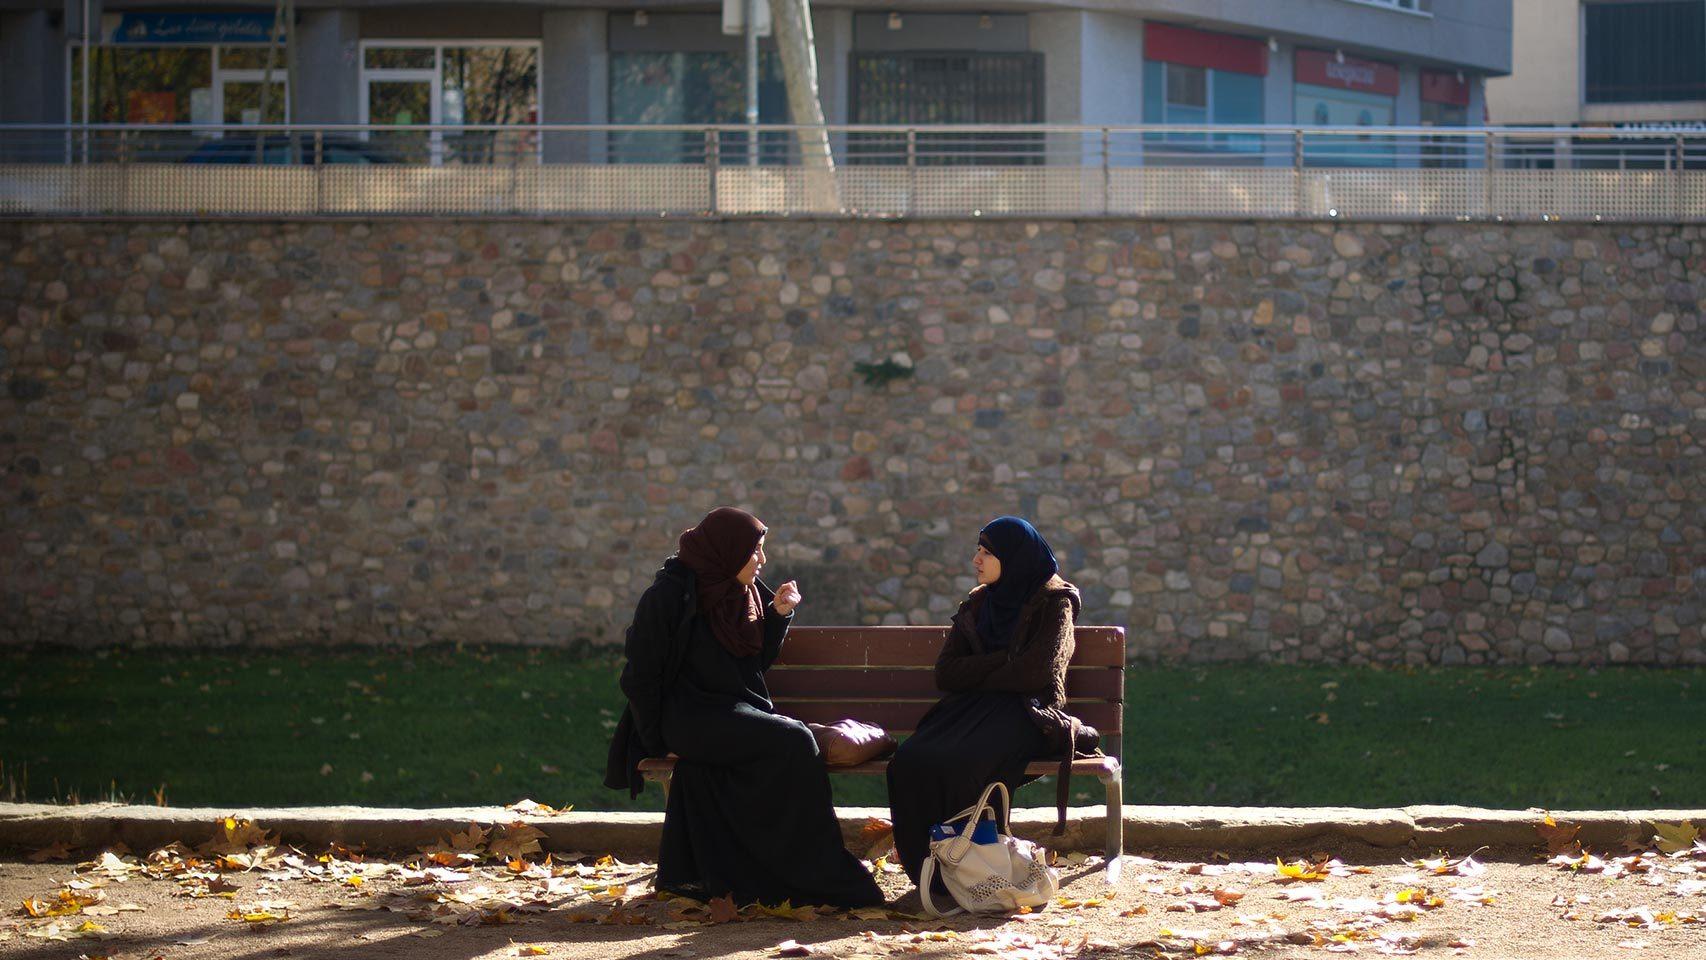 Dos mujeres con hiyab, sentadas en un banco.